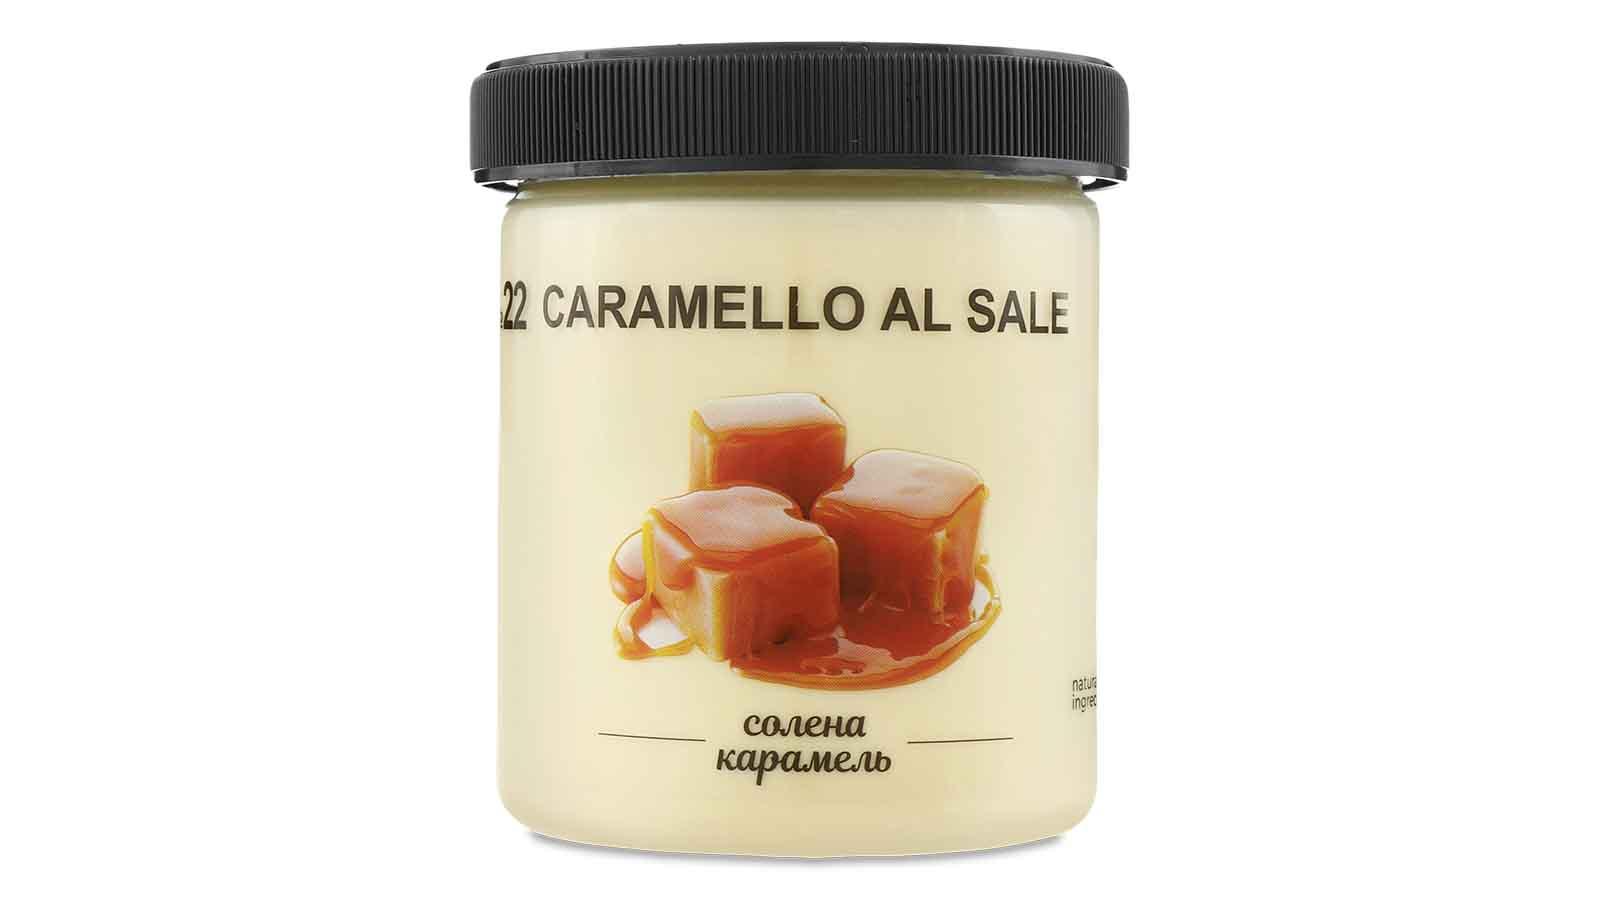 Gelato Italiano № 22 Caramello al sale